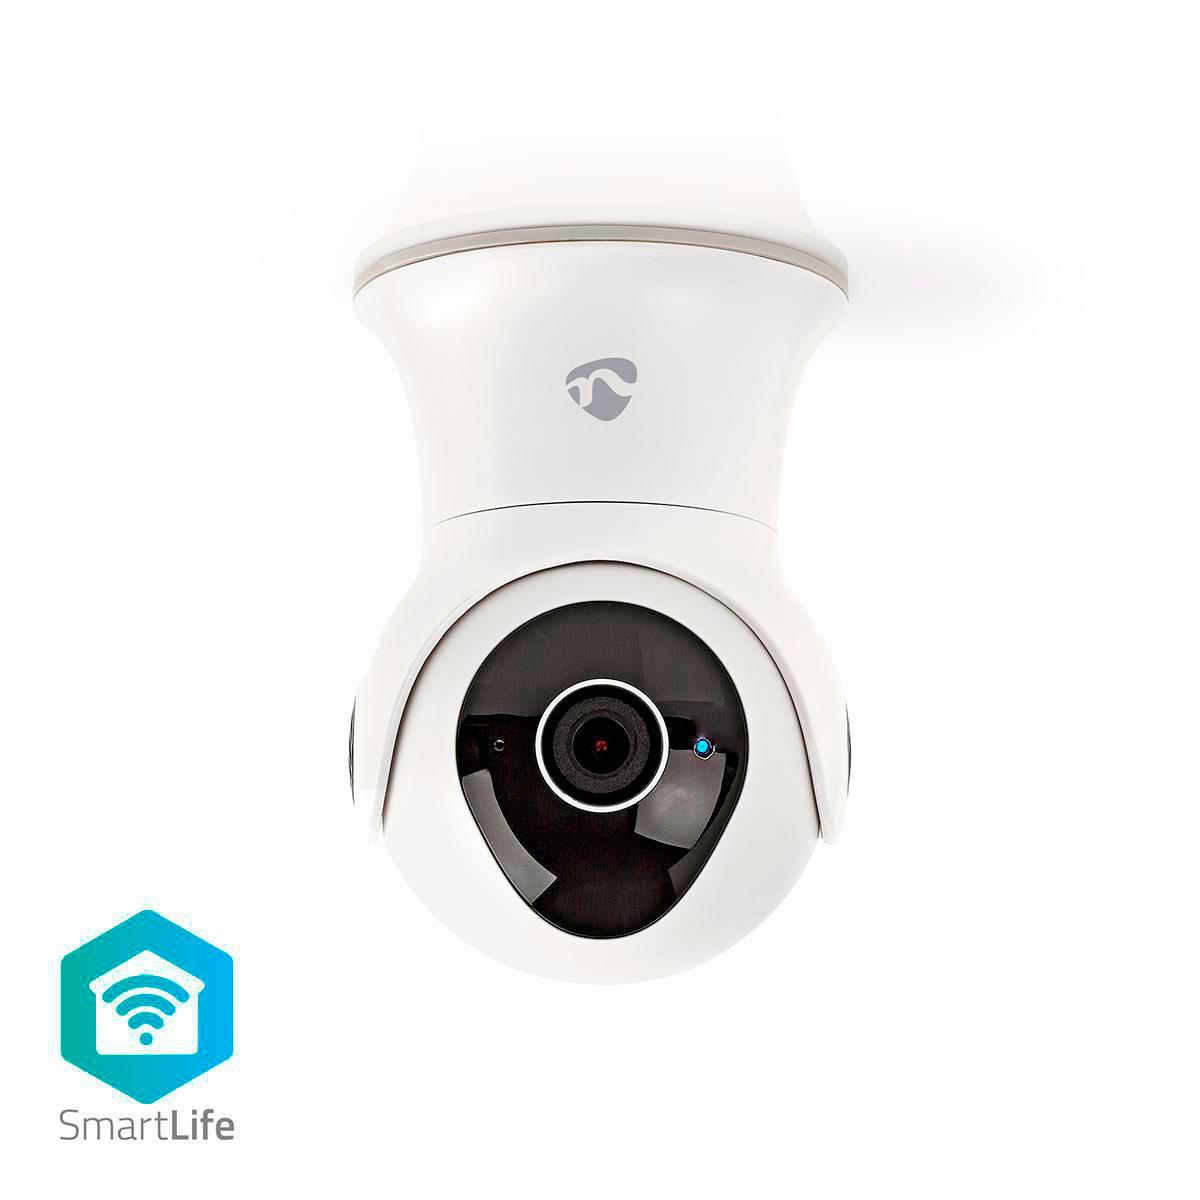 Nedis SmartLife IP kamera 1080p (Vandtæt) Hvid - Køb her